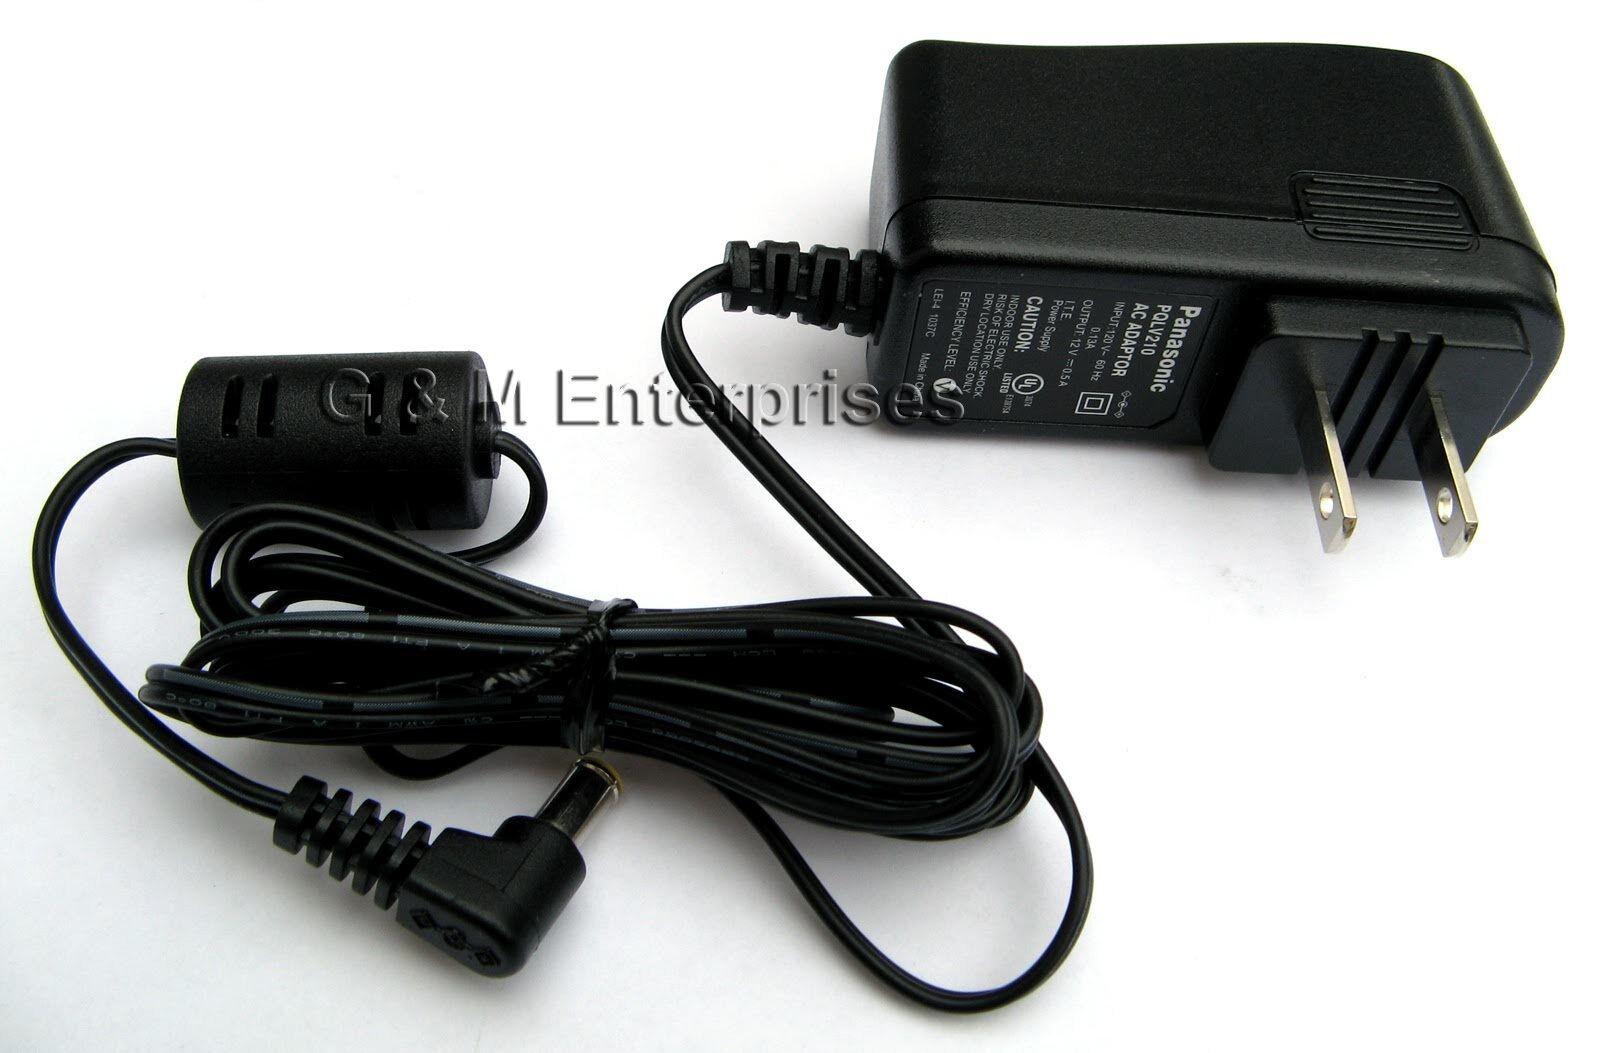 Panasonic Pqlv210y Ac Adapter For Kx-ts4300b, Kx-ts4200b, Ts4100b -us Seller